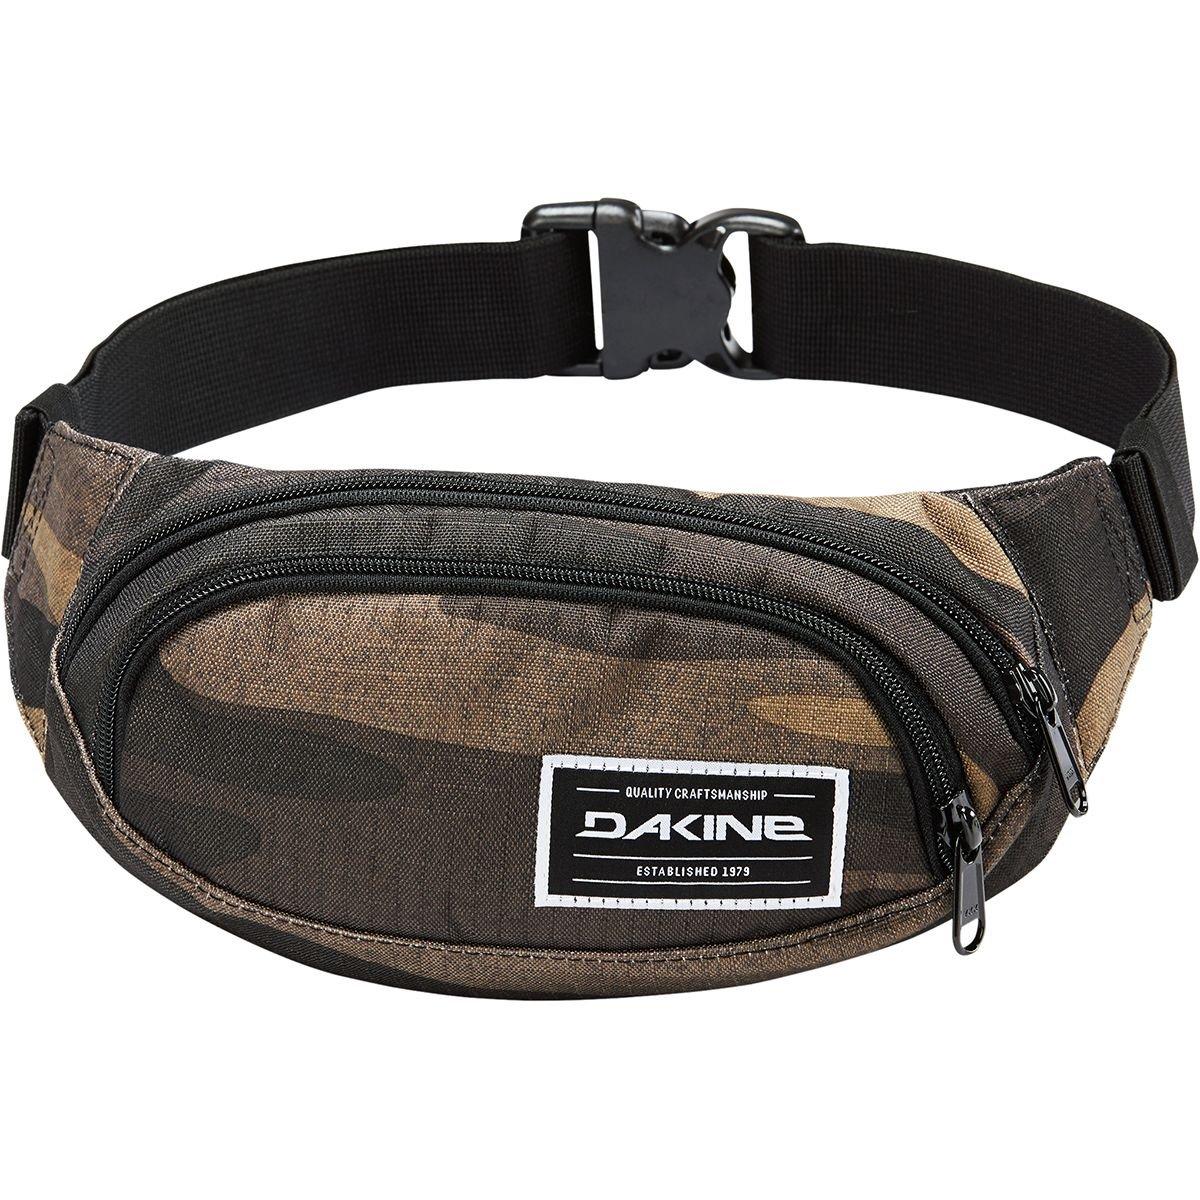 (ダカイン) DAKINE Hip Packメンズ バックパック リュック Field Camo [並行輸入品]   B07L4JFKF3